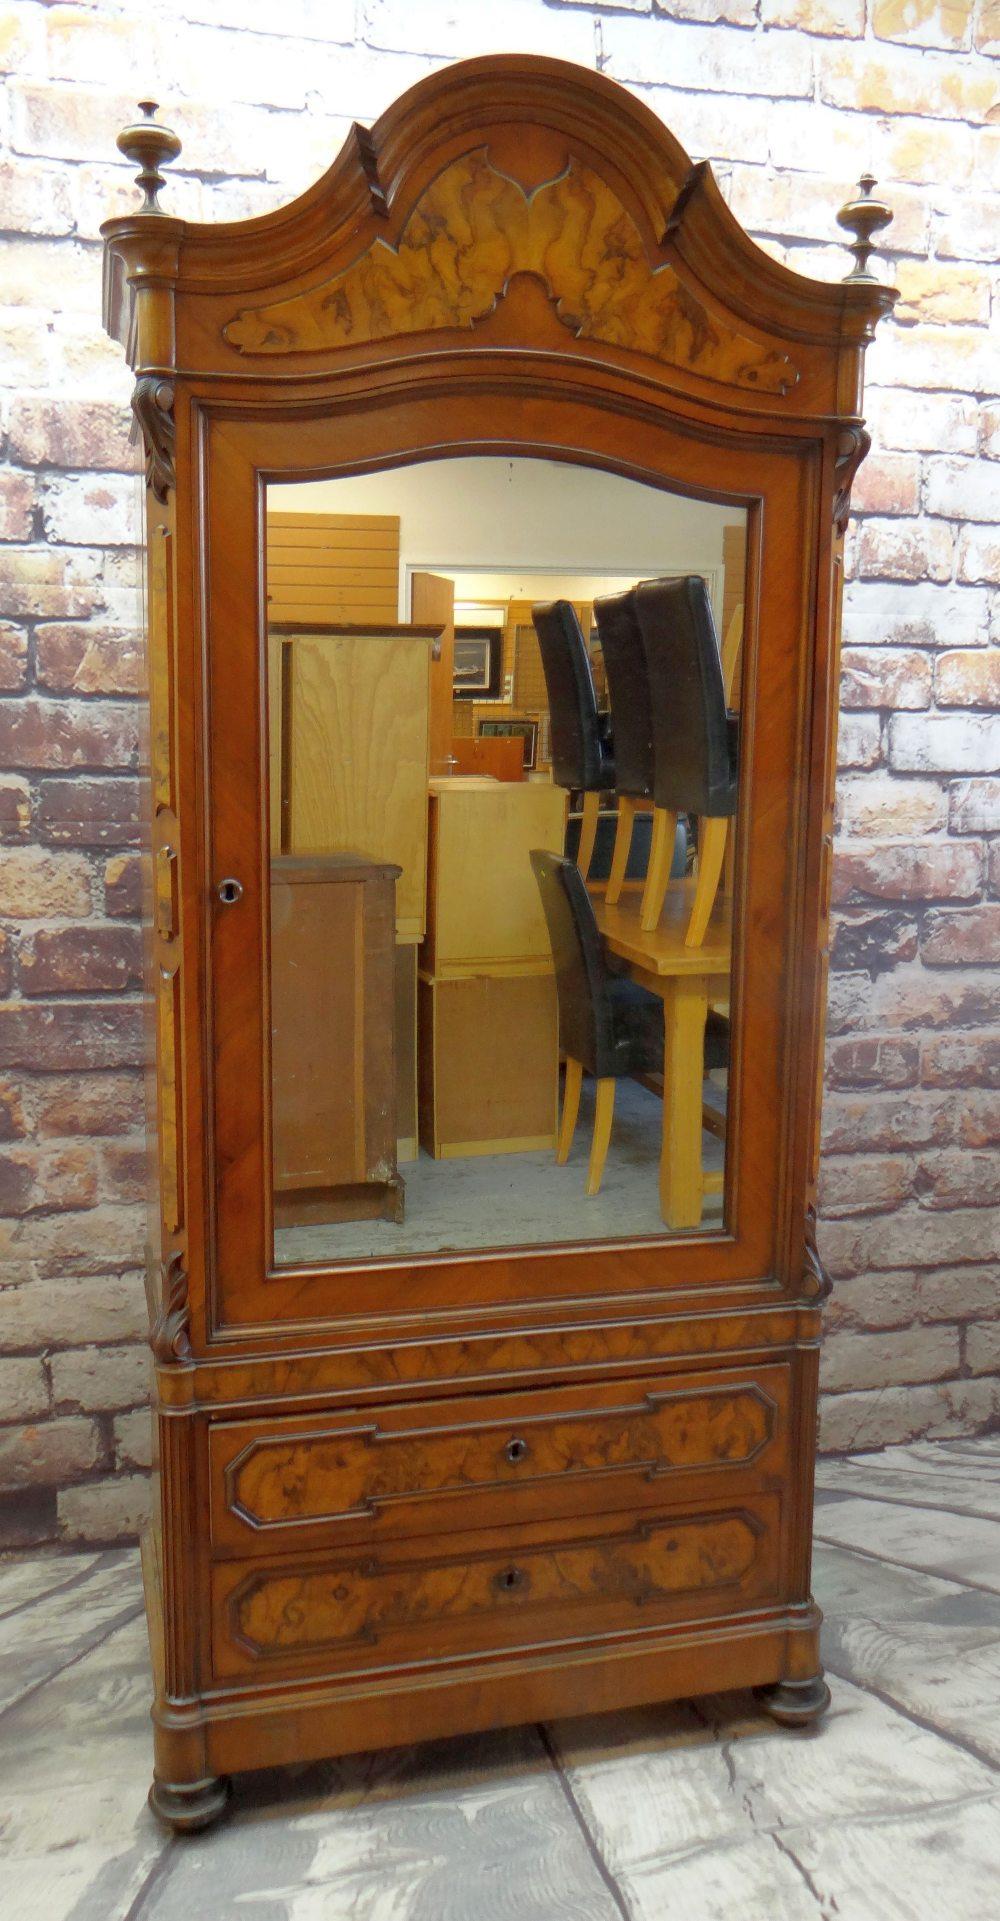 STYLISH FRENCH WALNUT & BURR WALNUT ARMOIRE, arched cornice with turned finials, mirror-glazed